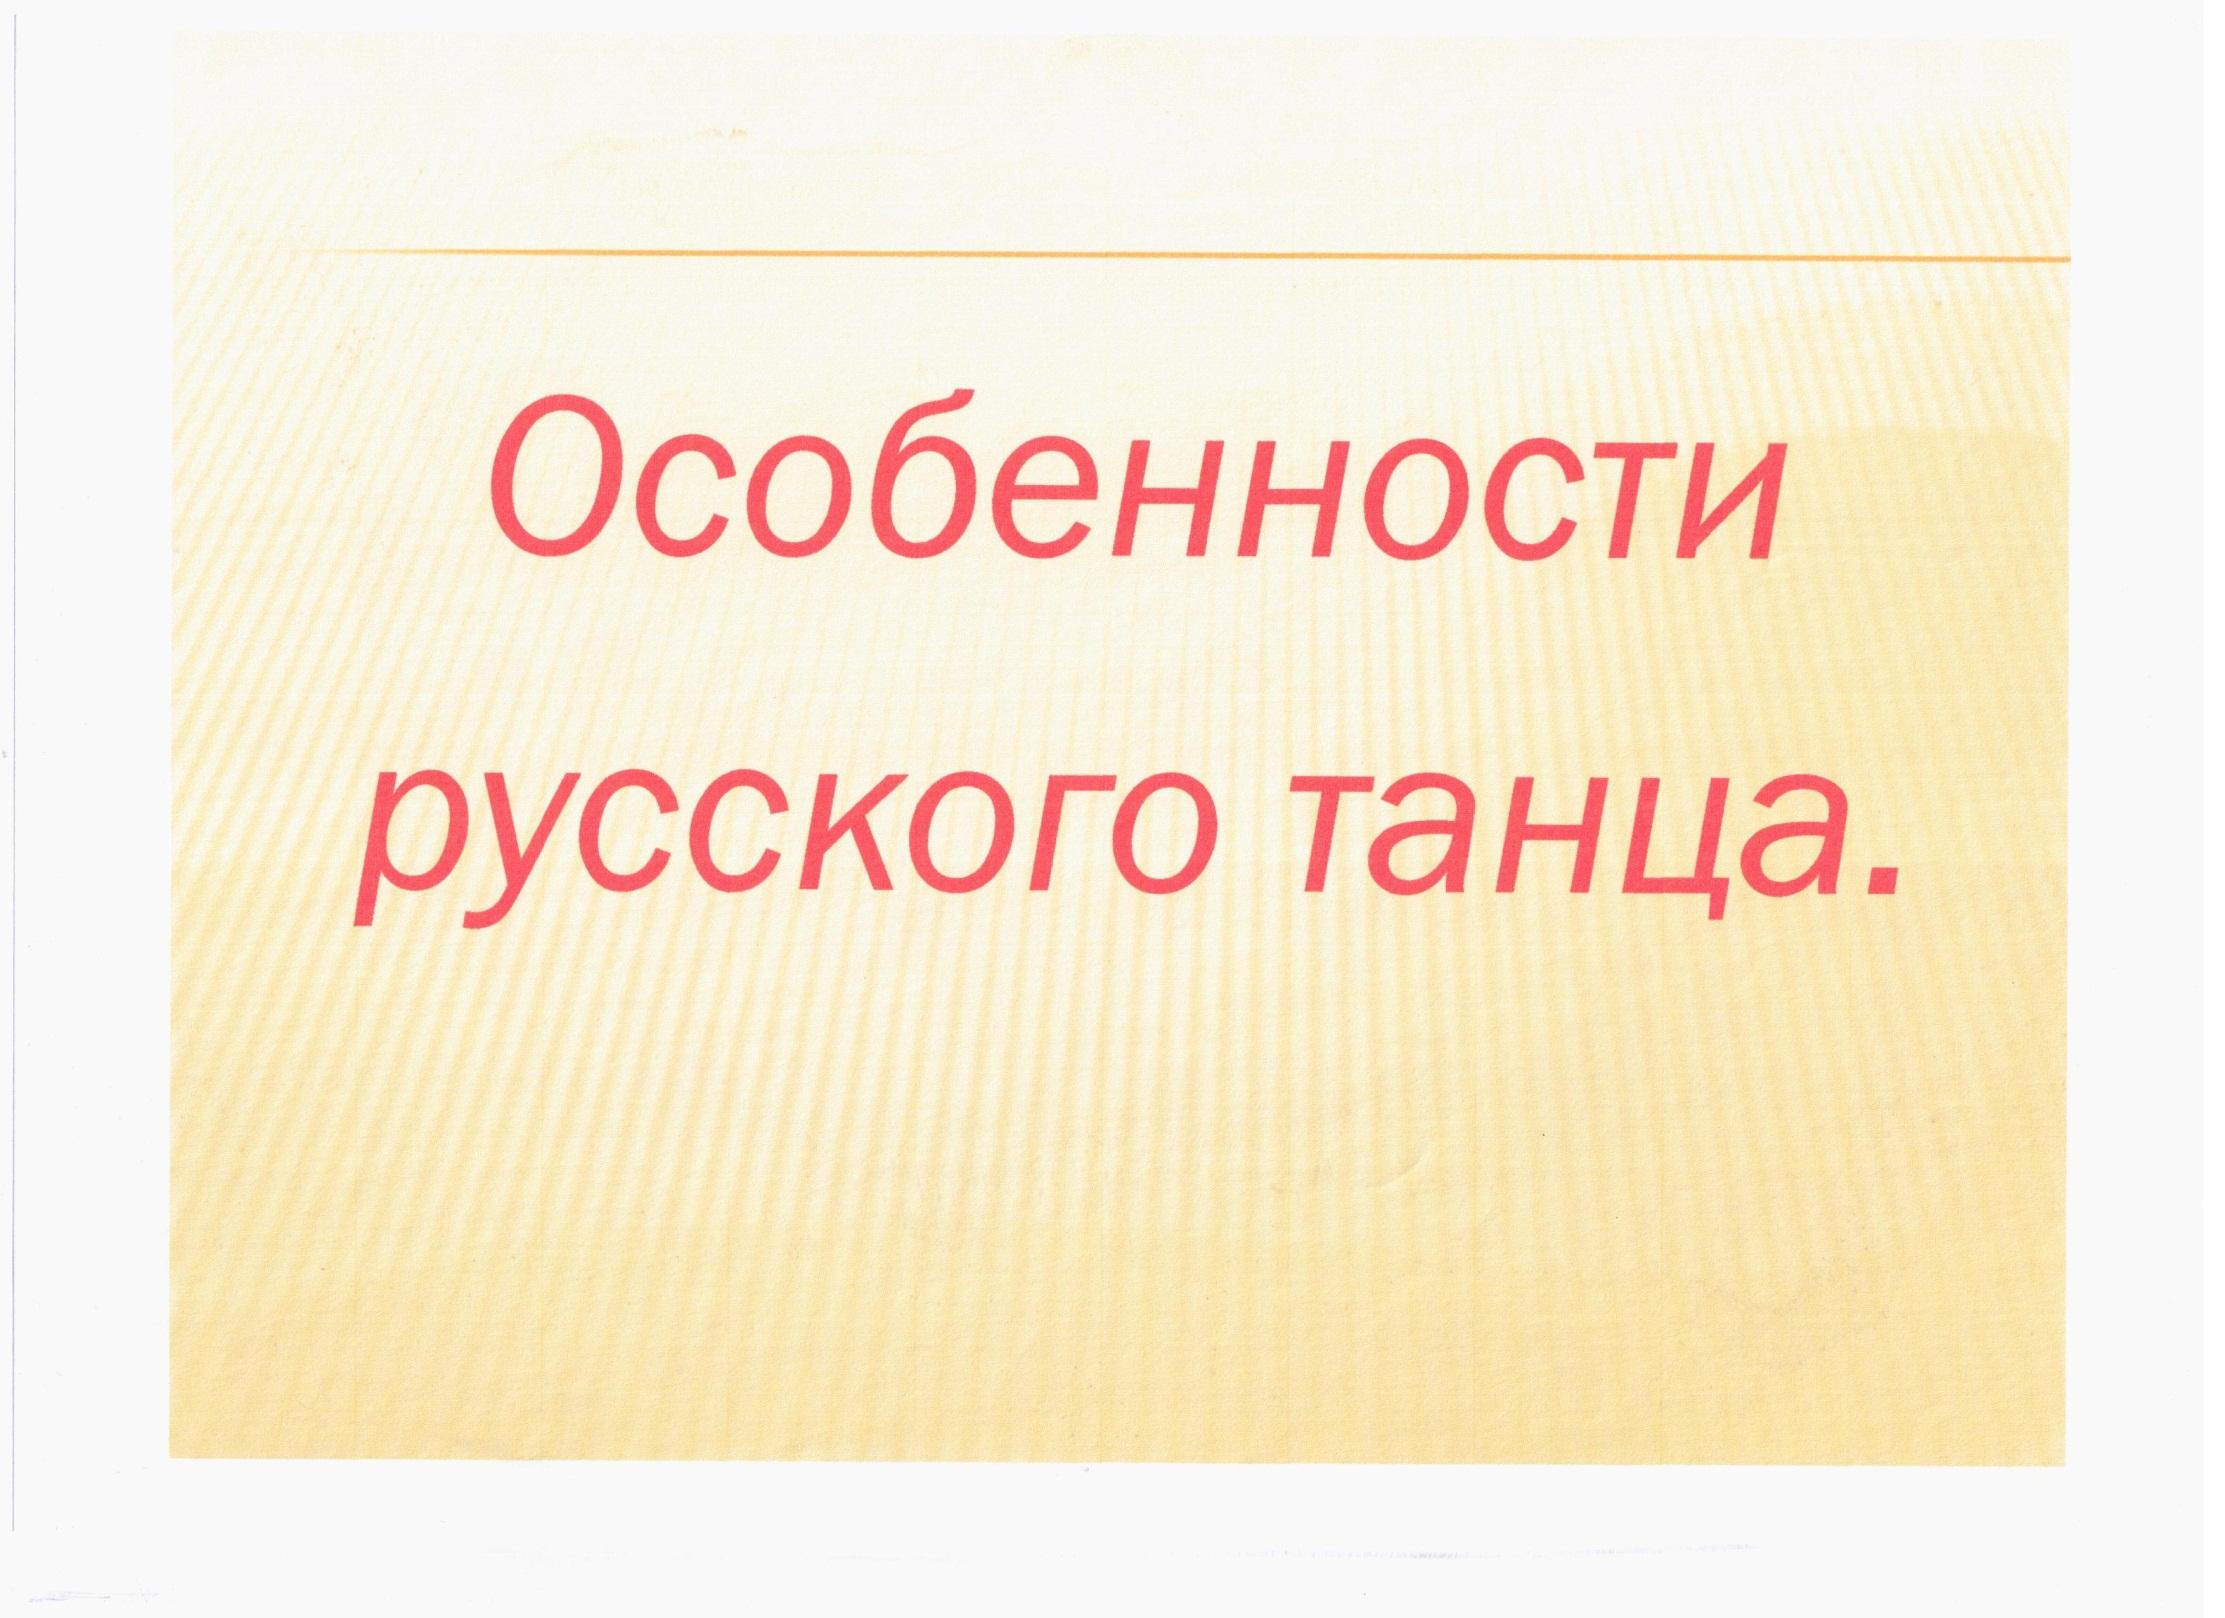 C:\Users\Администратор\Documents\аттестация\доклад мир танца\а11.jpeg